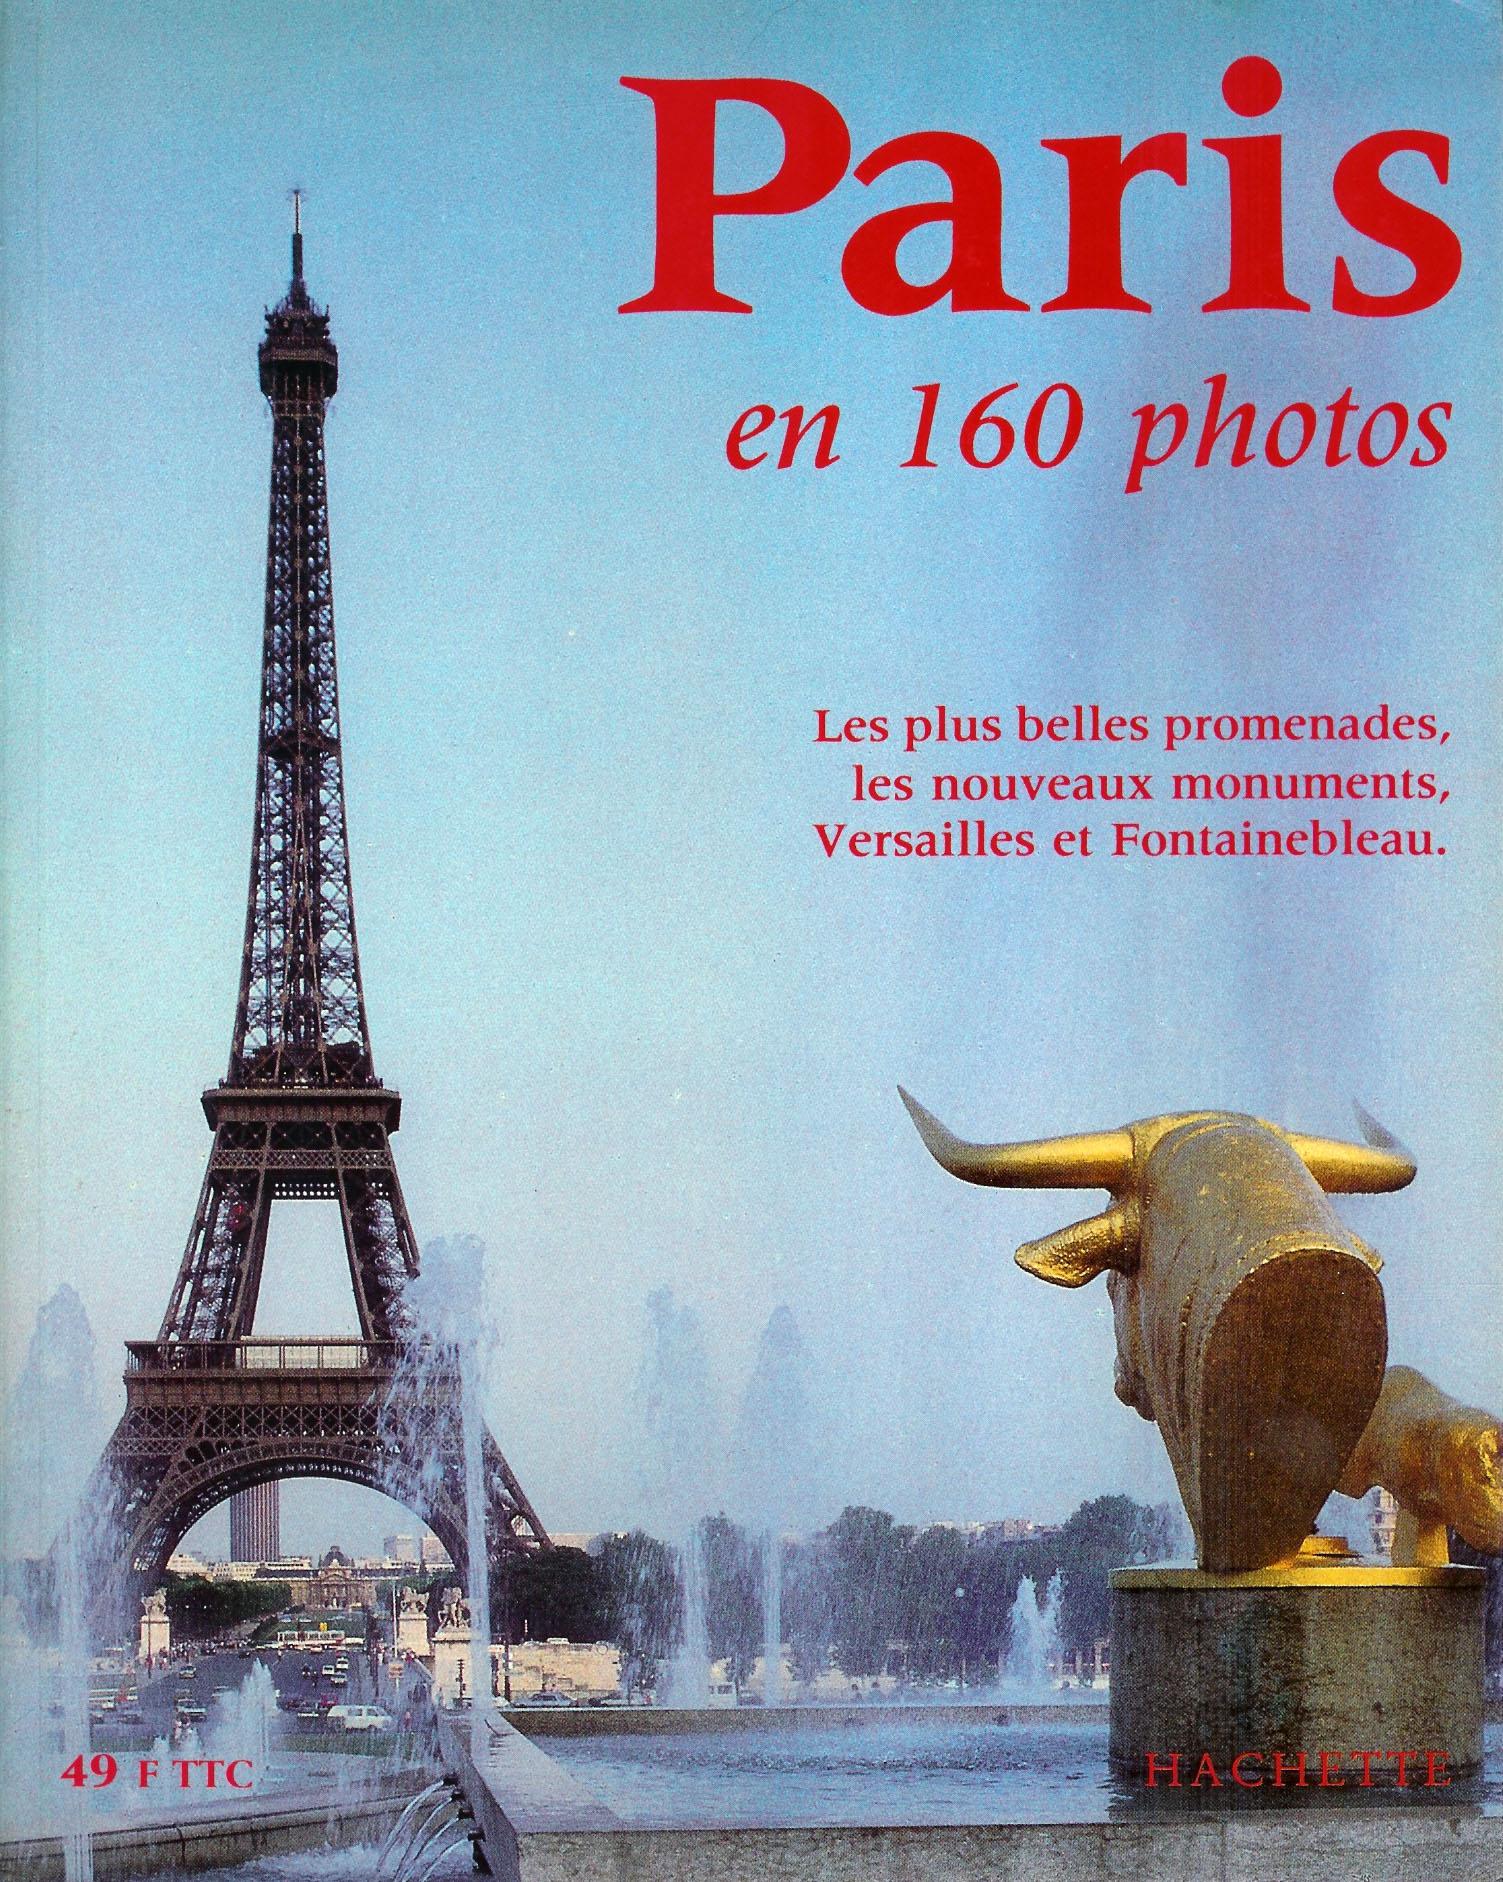 Paris en 160 [cent soixante] photos.